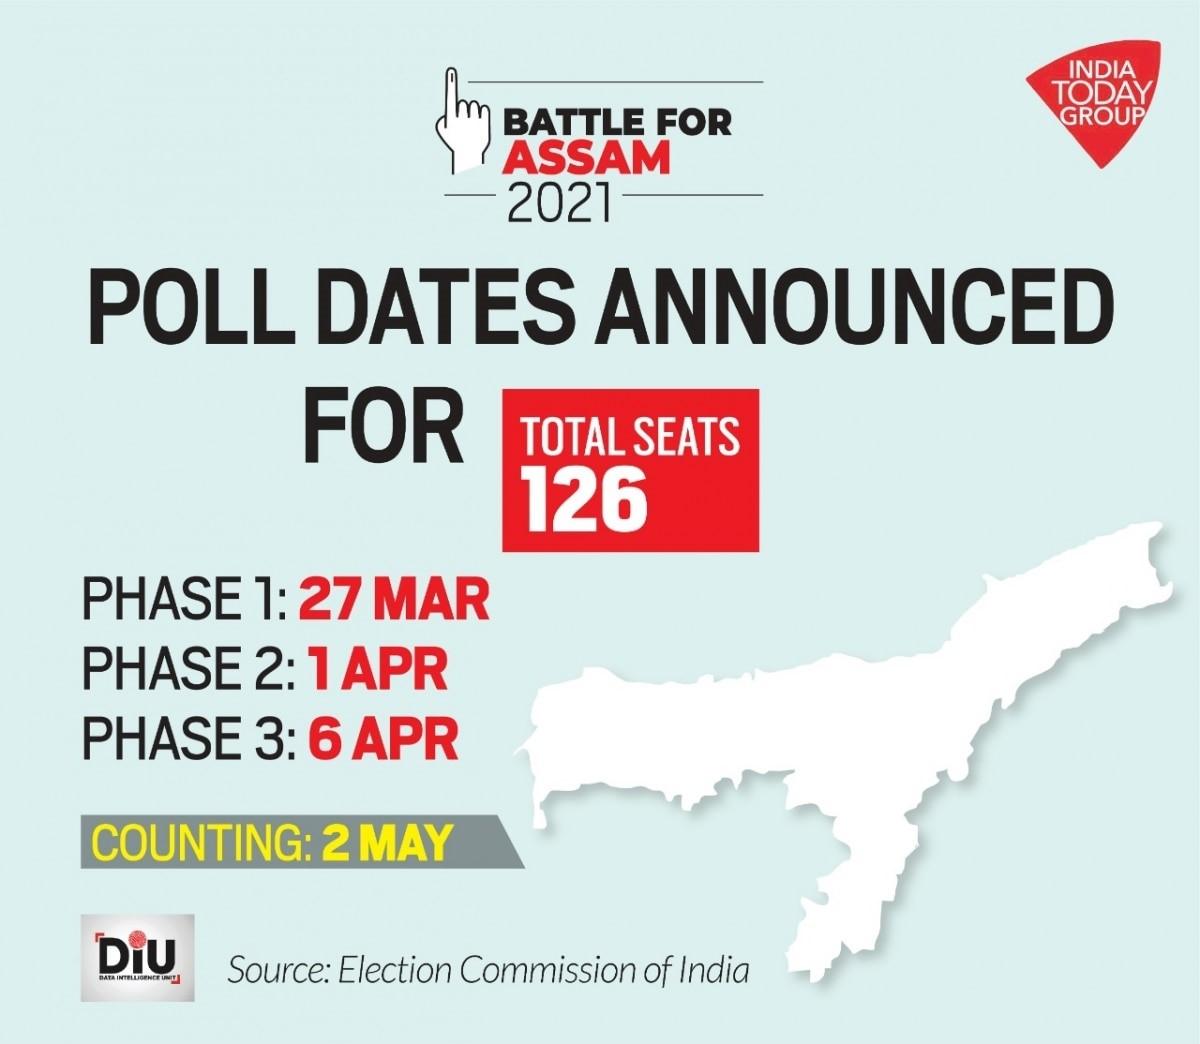 图片来源:https://www.indiatoday.in/elections/story/election-dates-for-west-bengal-assam-kerala-tamil-nadu-puducherry-assemblies-announced-detailed-schedule-1773506-2021-02-26